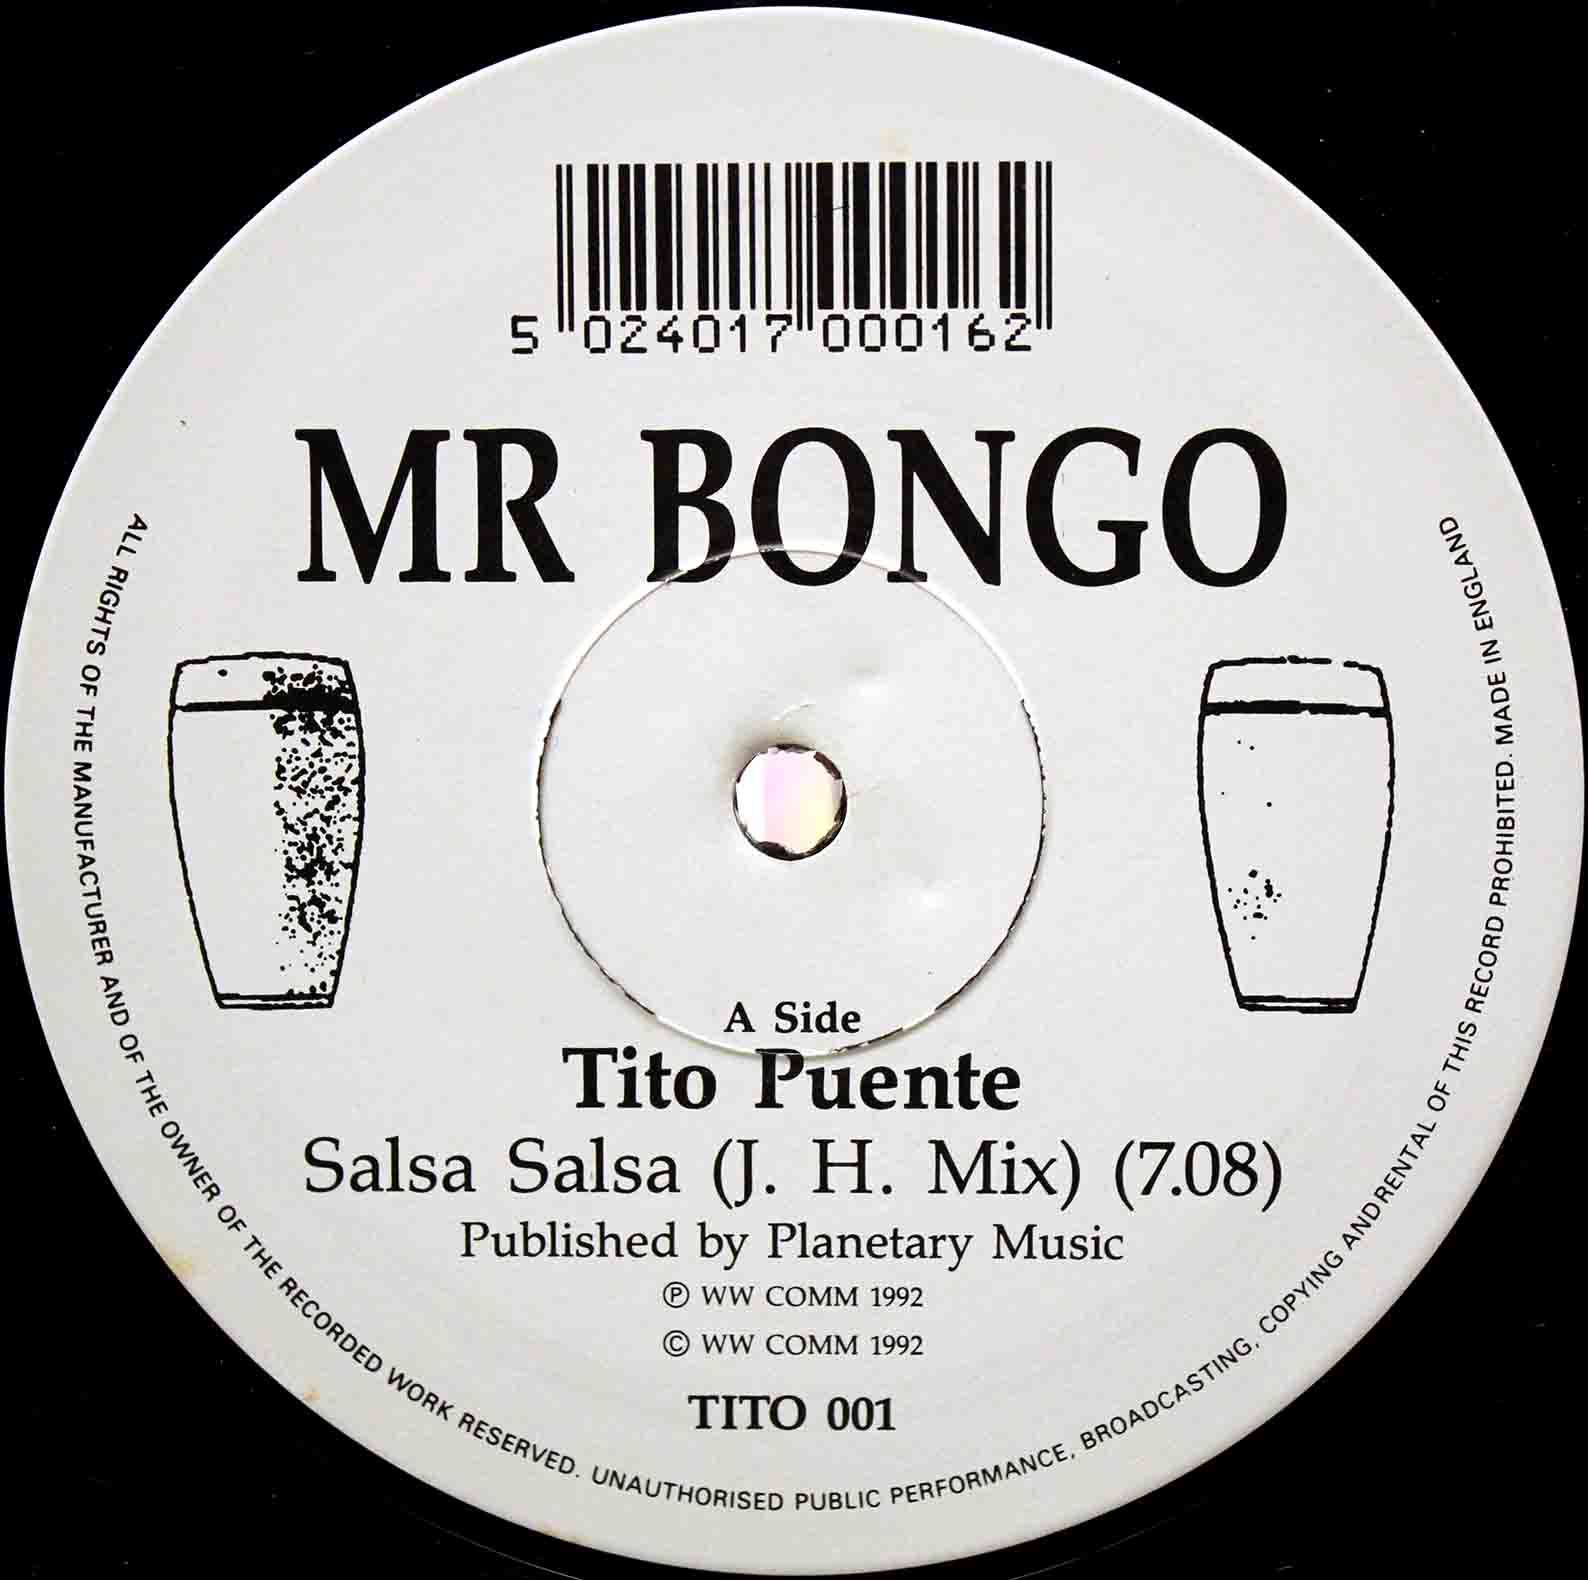 Tito Puente - Oye Como Va 04